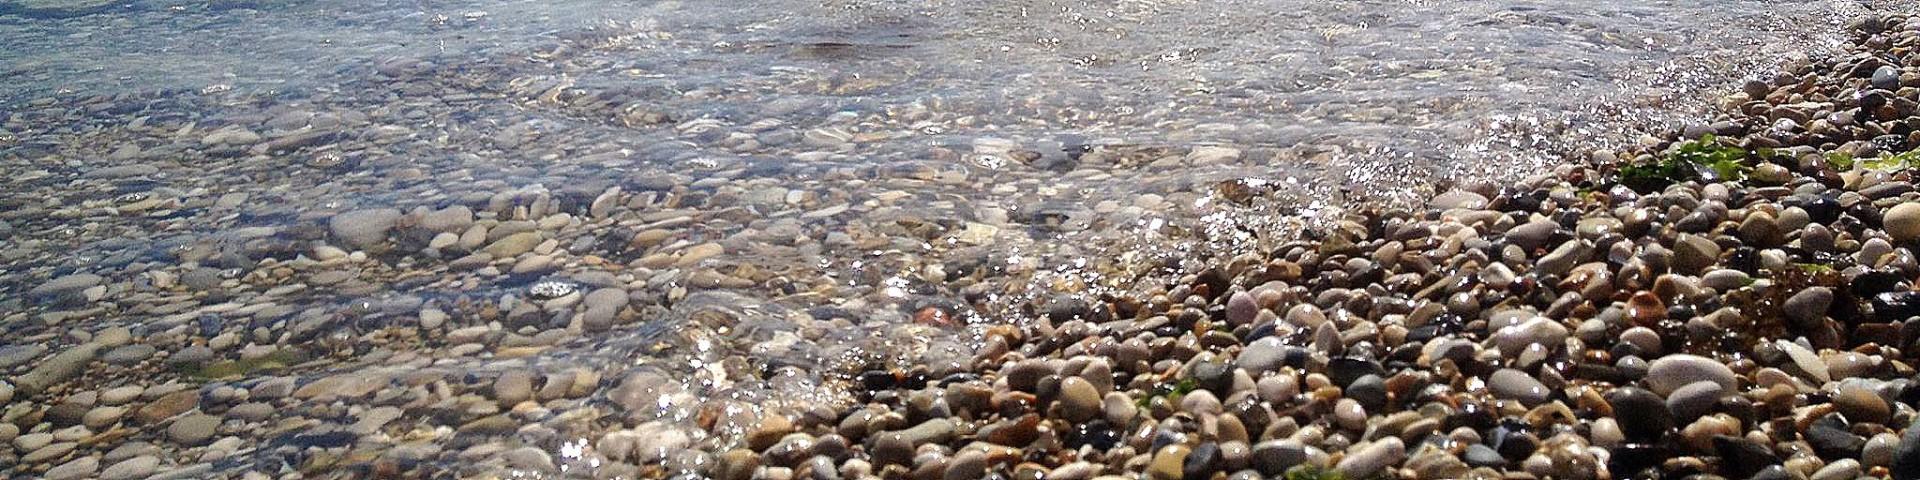 Pedaso, část oblázkové pláže s mírným vstupem do moře